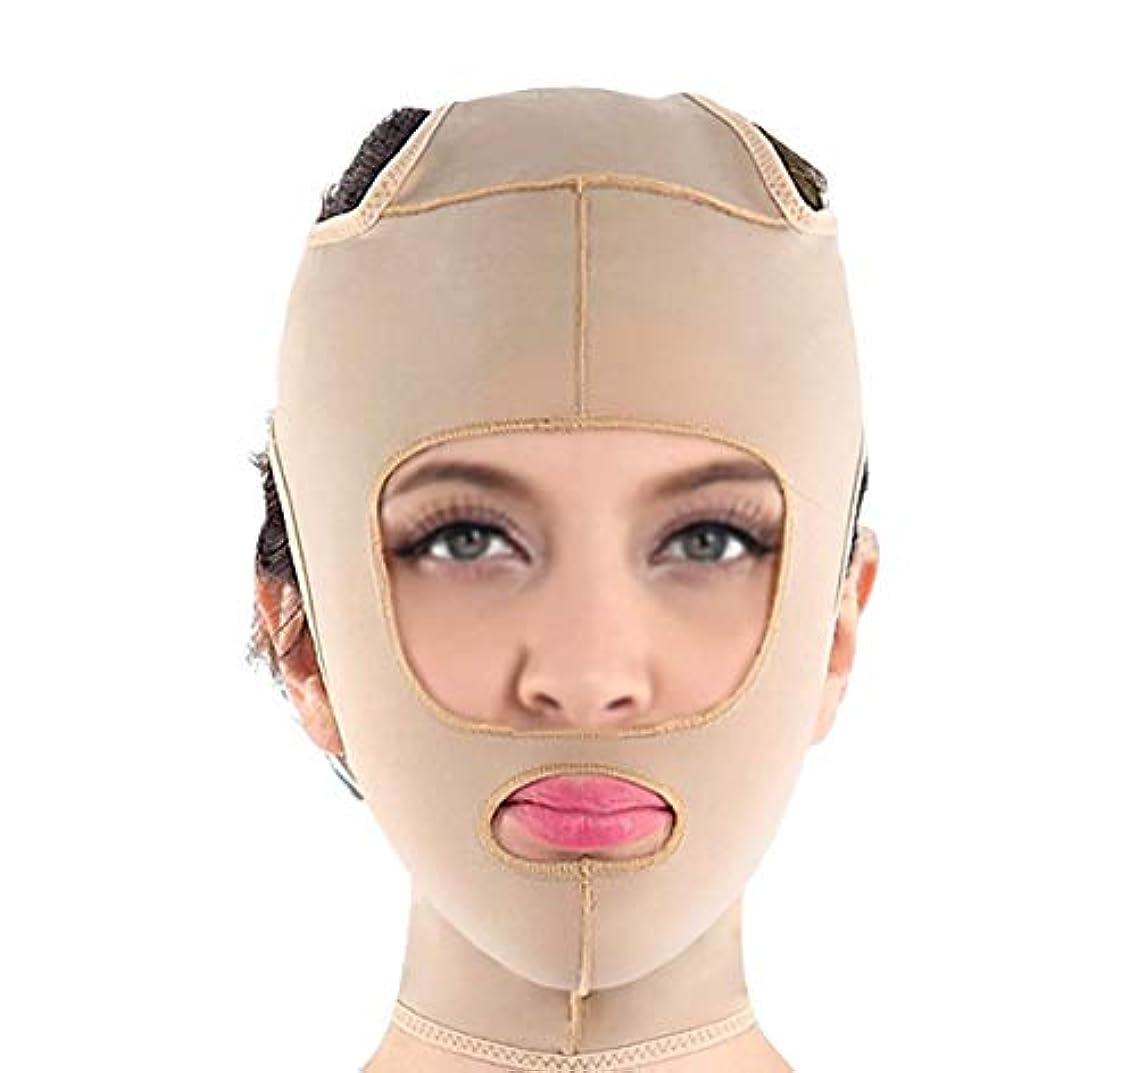 病インチのヒープフェイスリフティングマスクで肌をしっかりと保ち、顔の筋肉の垂れ下がりや顔の美しい輪郭の整形を防止します(サイズ:Xl),S